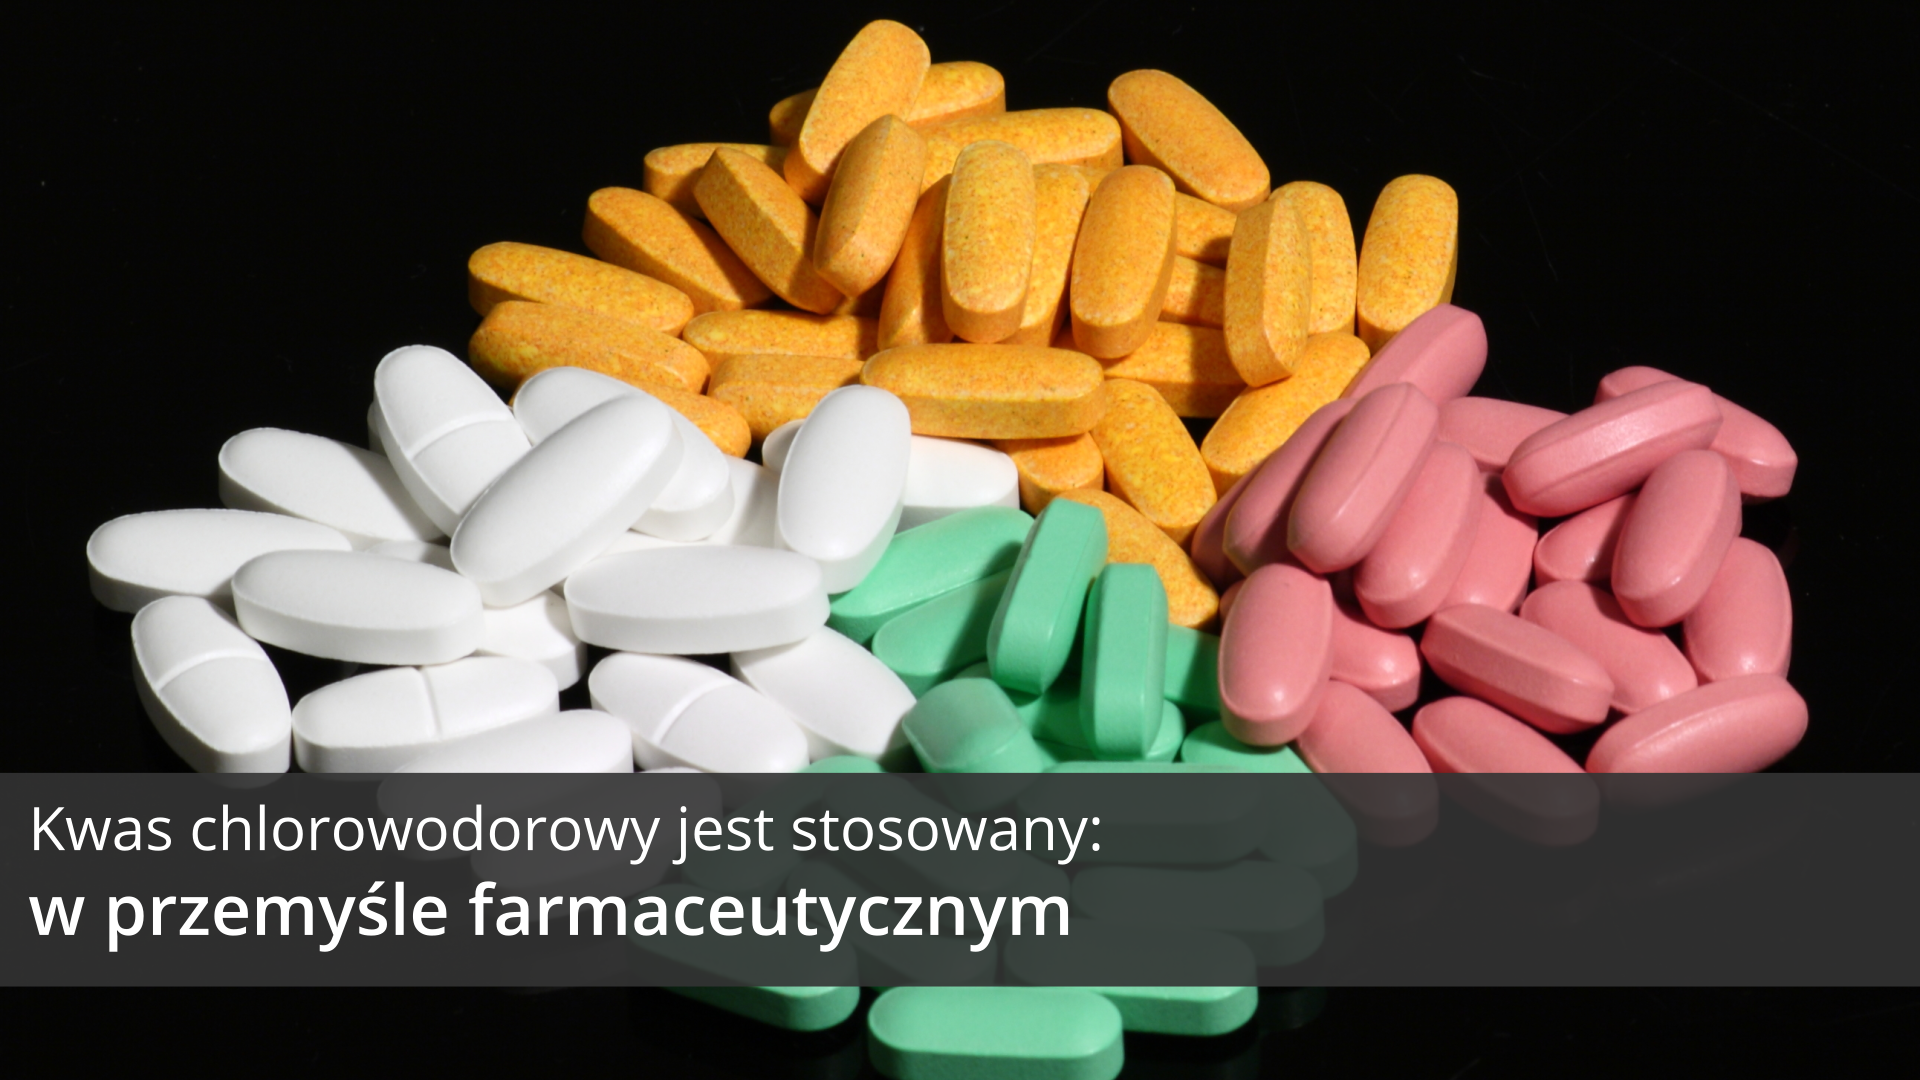 Siódma ilustracja galerii przedstawia zdjęcie lekarstw bez opakowań. Podłużne pastylki wczterech różnych kolorach usypane wcztery sąsiadujące ze sobą sterty. Na tle obrazka wdolnej części ilustracji znajduje się ciemnoszary pasek, na którym umieszczono jasny napis: Kwas chlorowodorowy jest stosowany wprzemyśle farmaceutycznym.